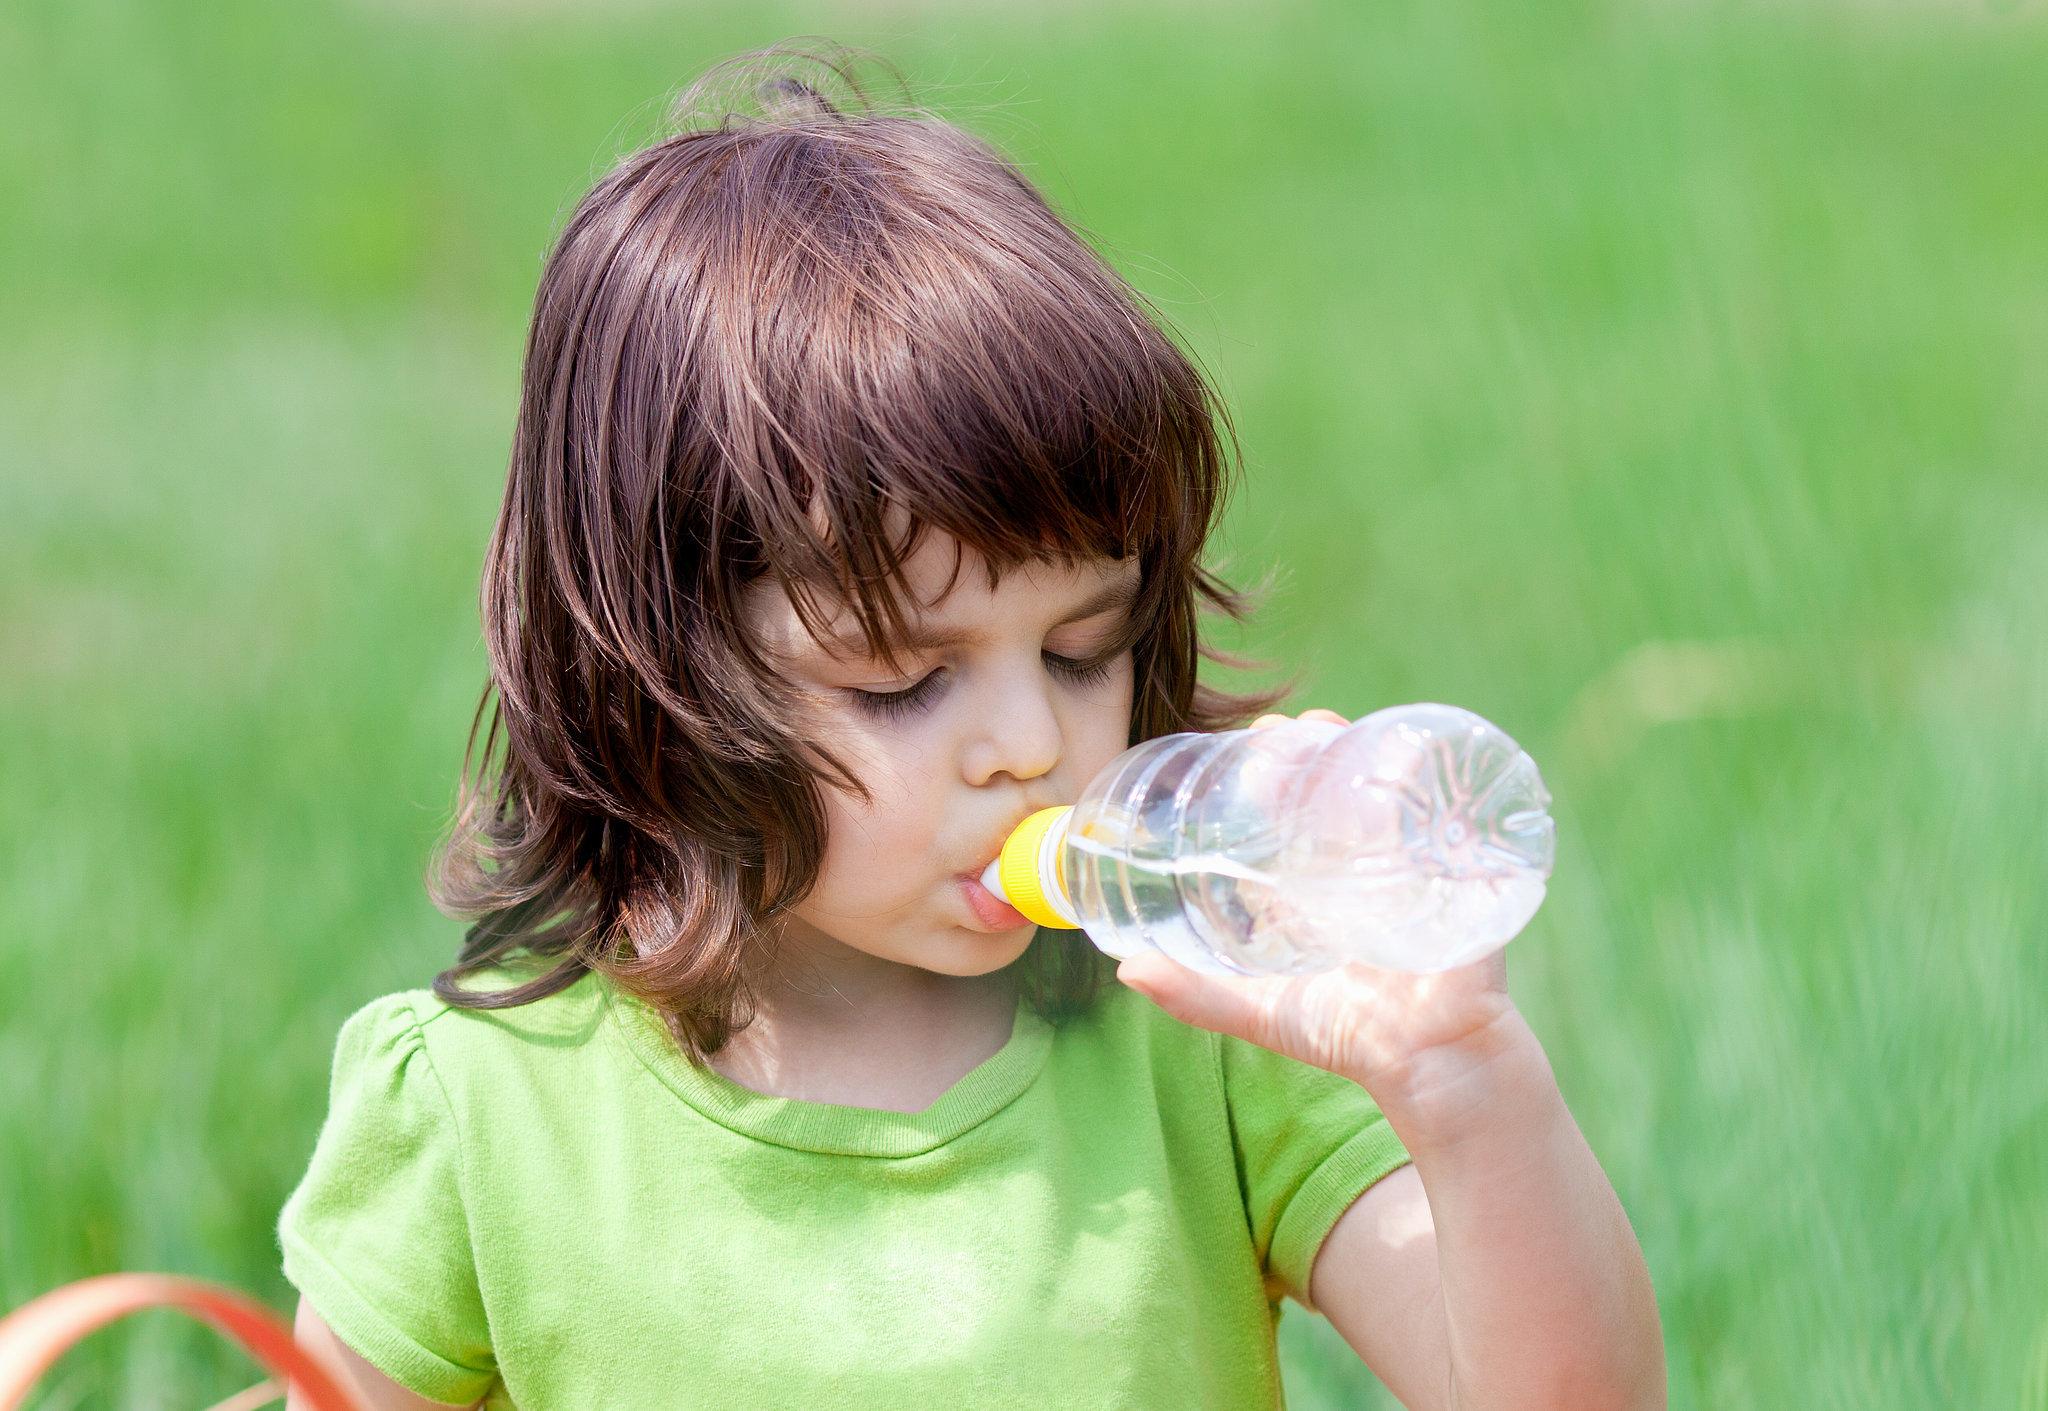 Фото как девочки пьют сперму 6 фотография